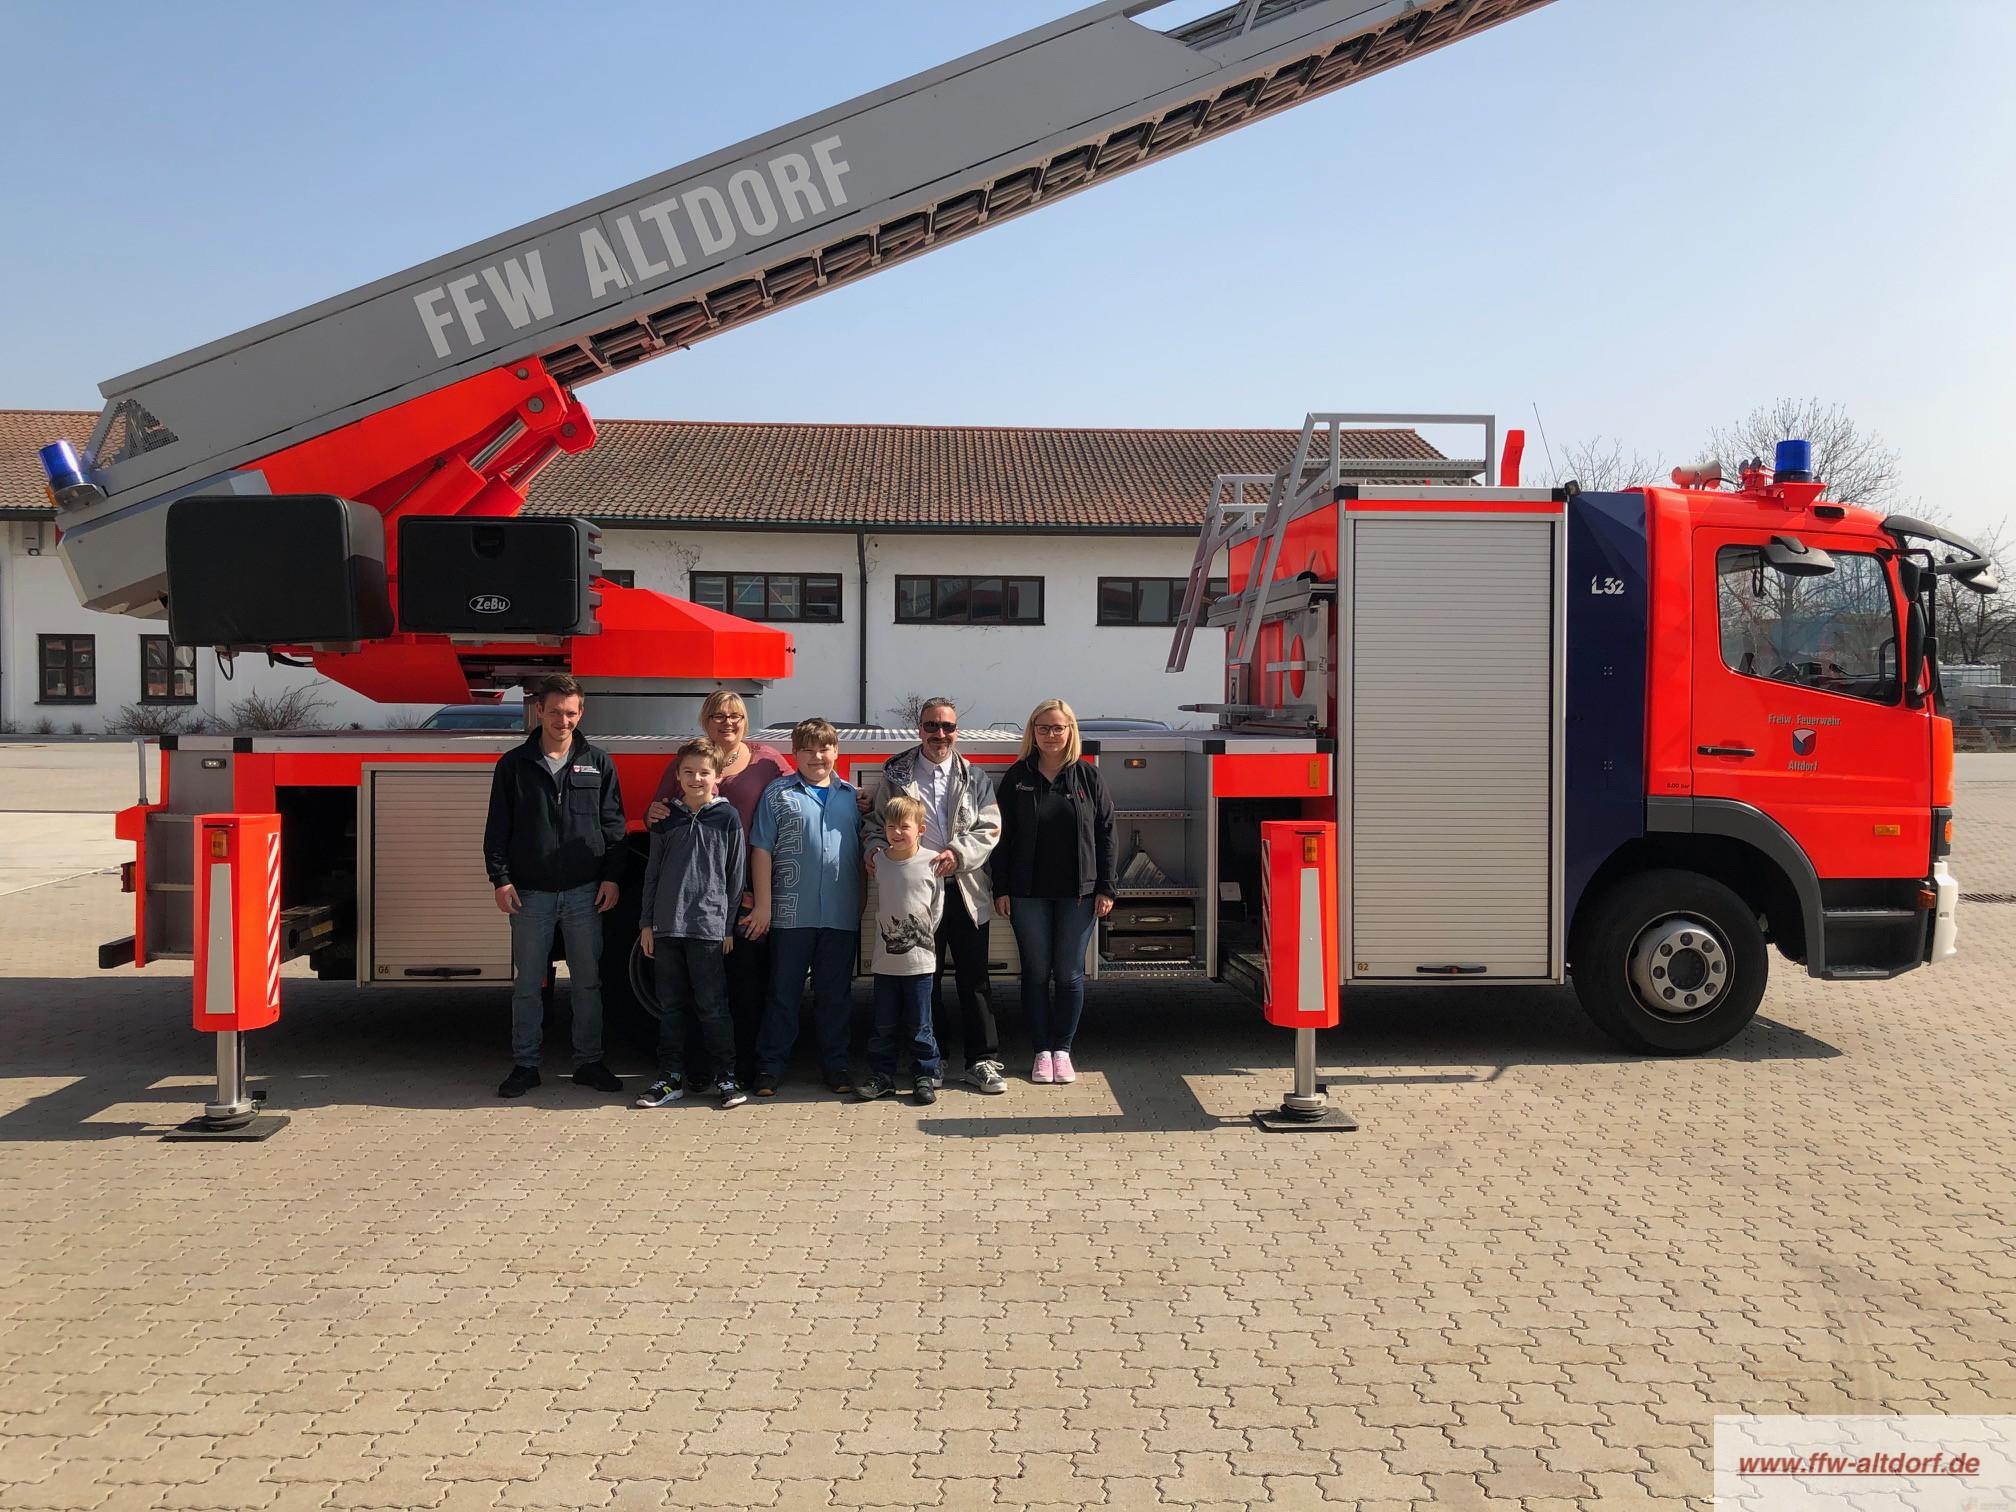 Familie mit Schicksalsschlag zu Besuch bei der Feuerwehr Altdorf